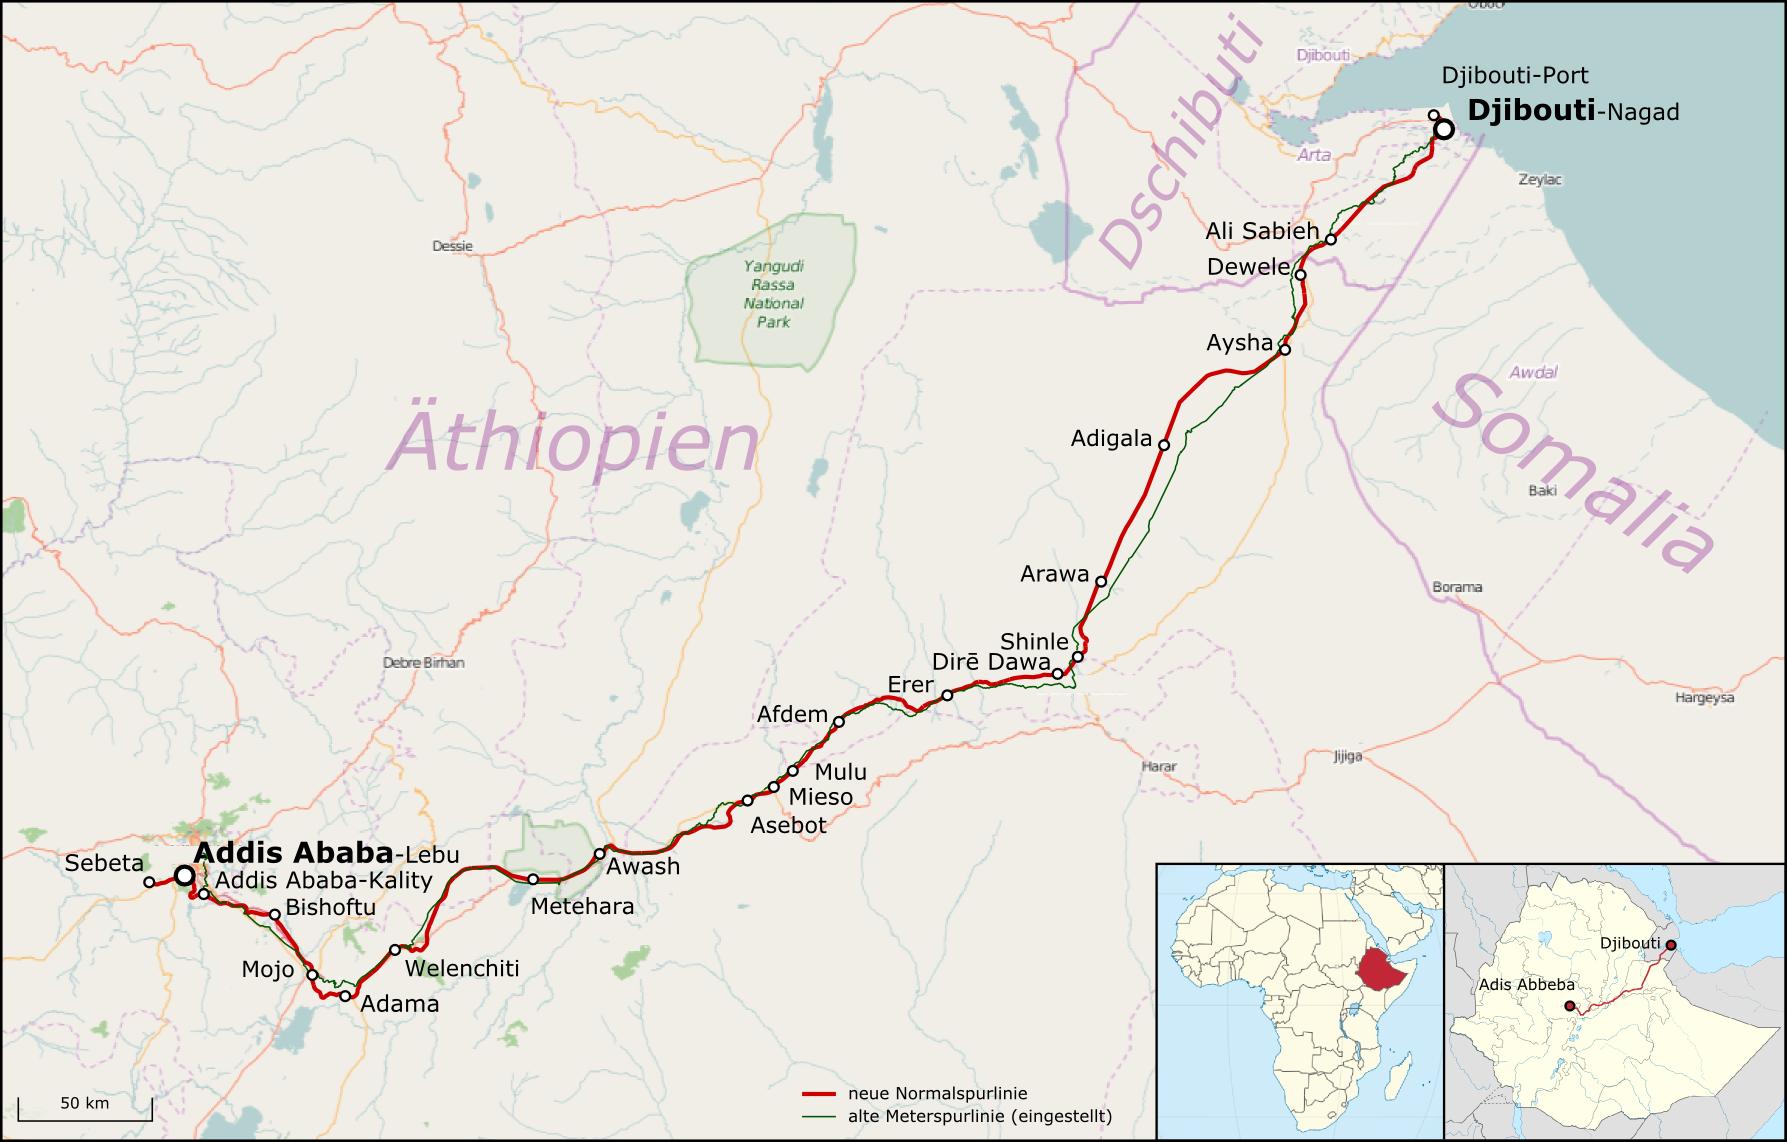 Ethiopia-Djibouti - Addis Ababa-Djibouti Railway • Map ...